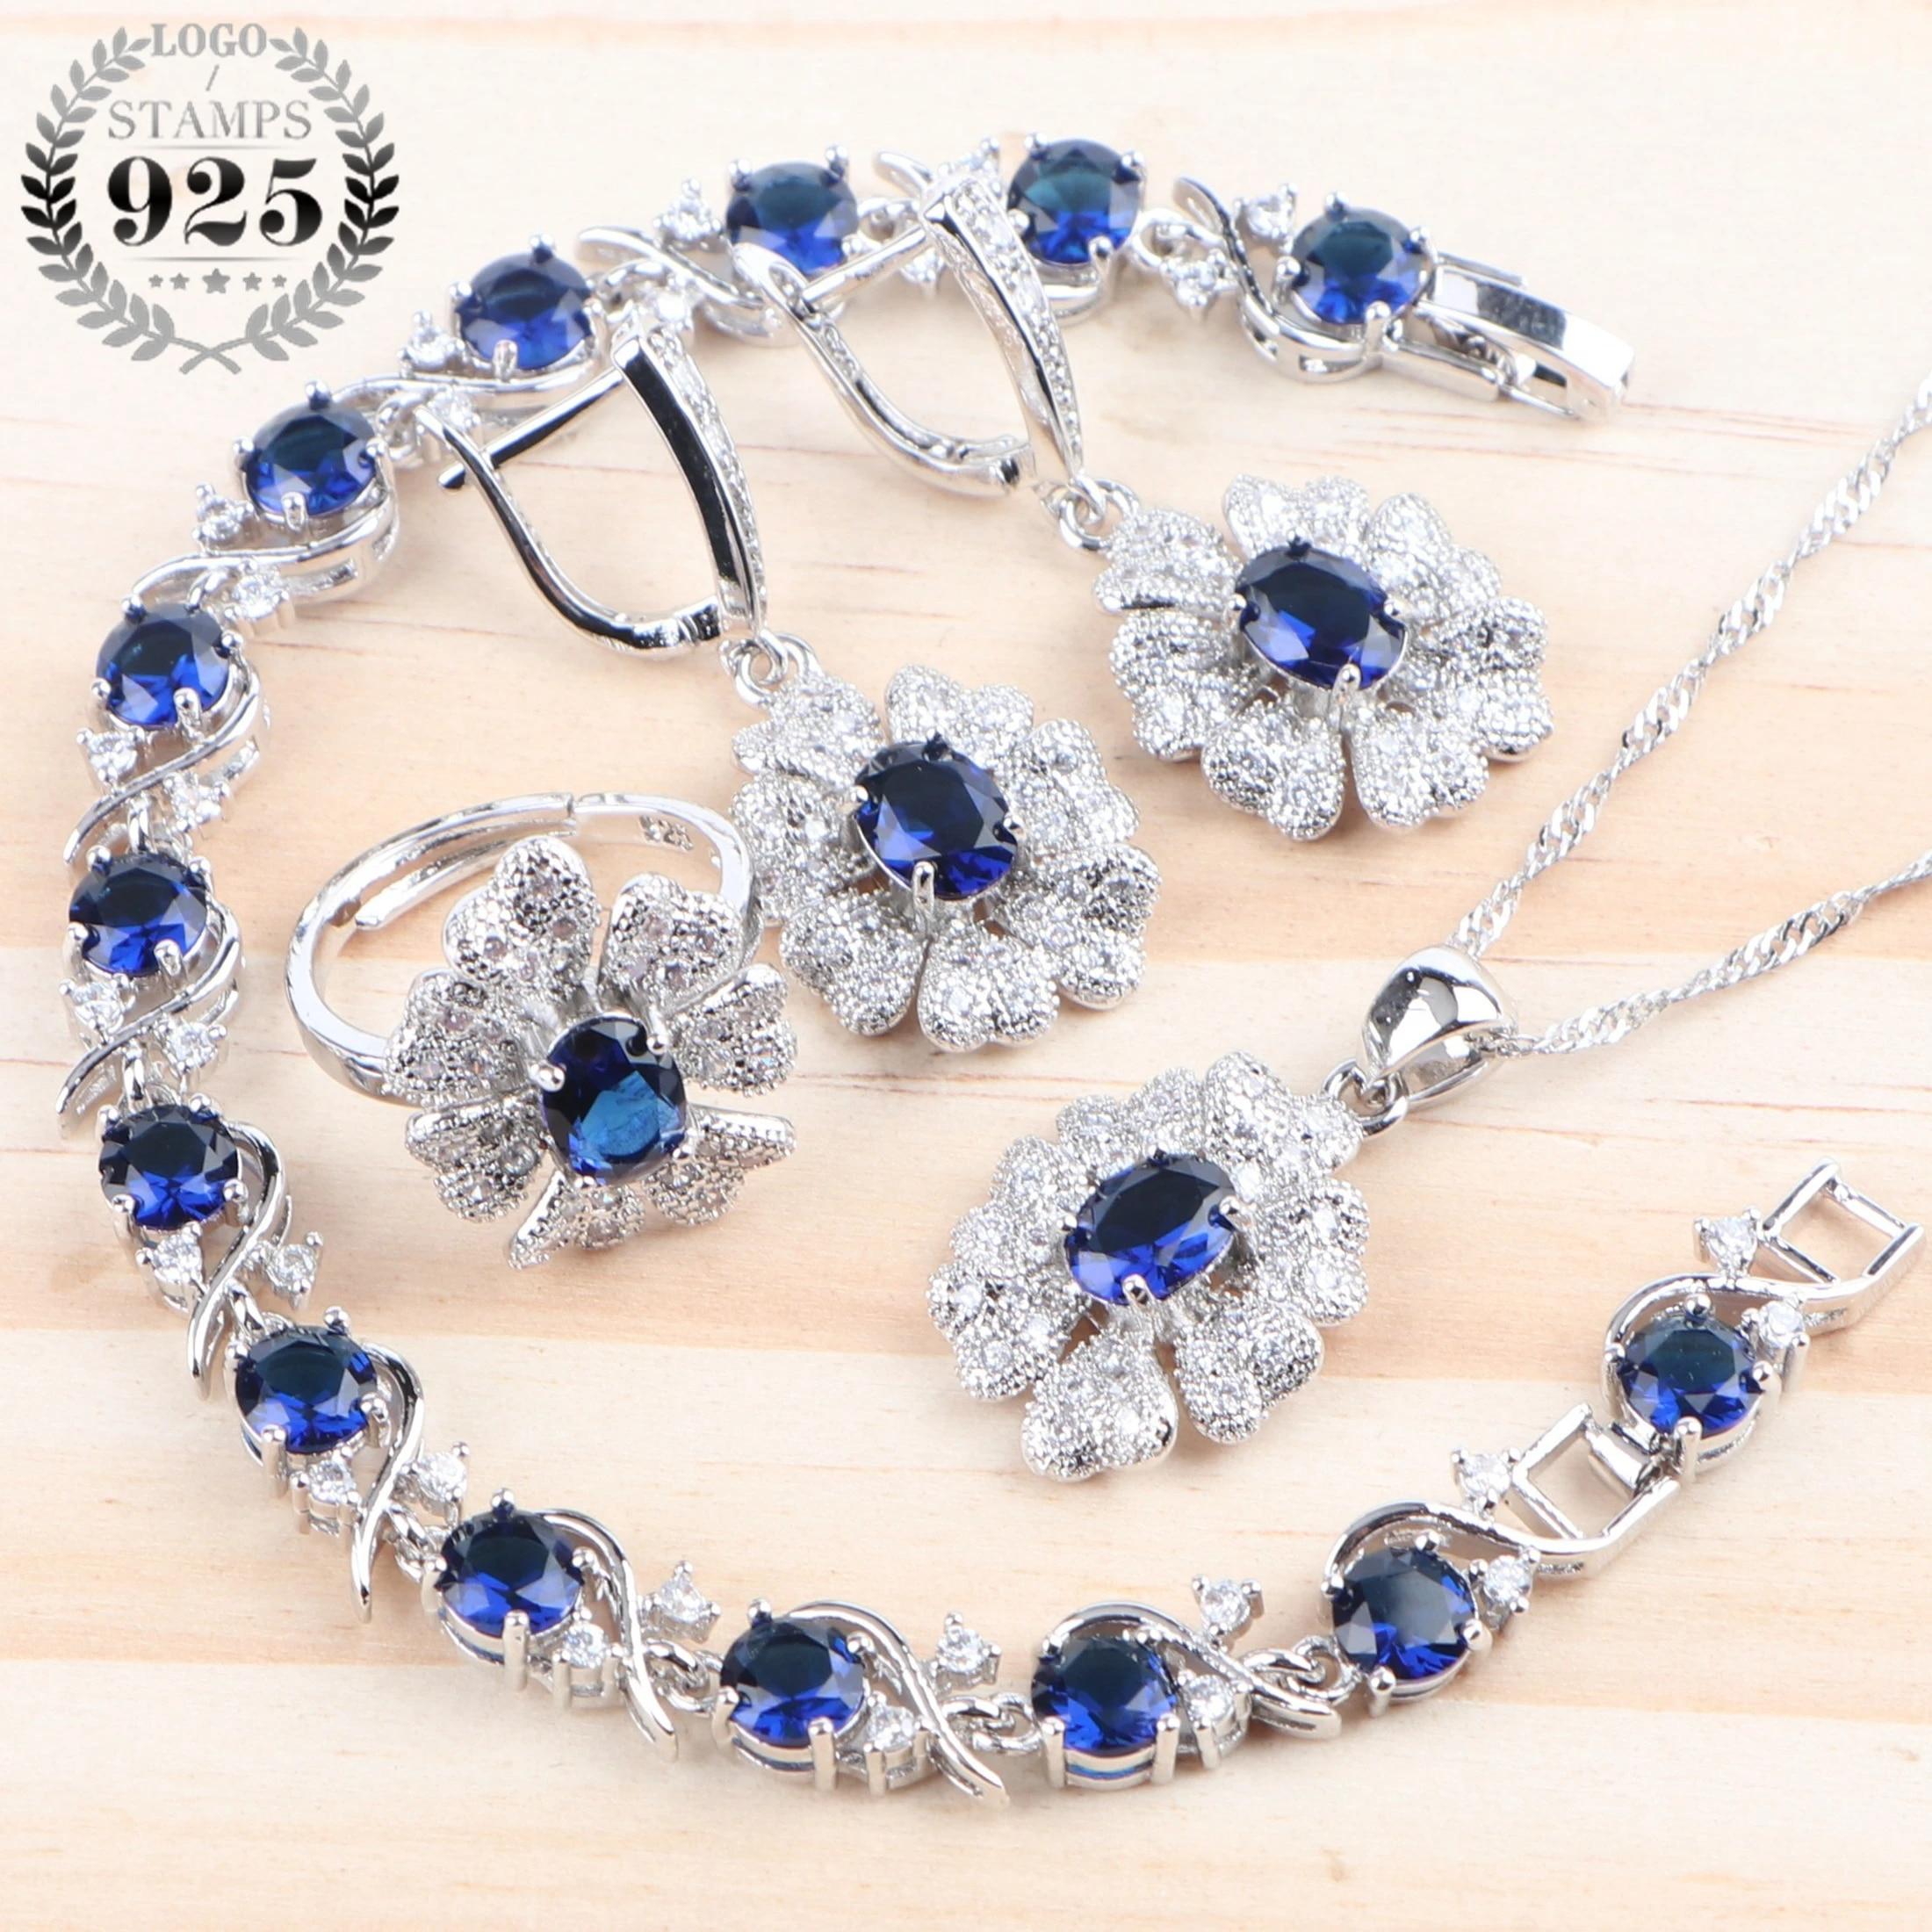 Blue /& Green Cubic Zirconia Sokolov Russian Jewelry 925 Silver Earrings with Opal